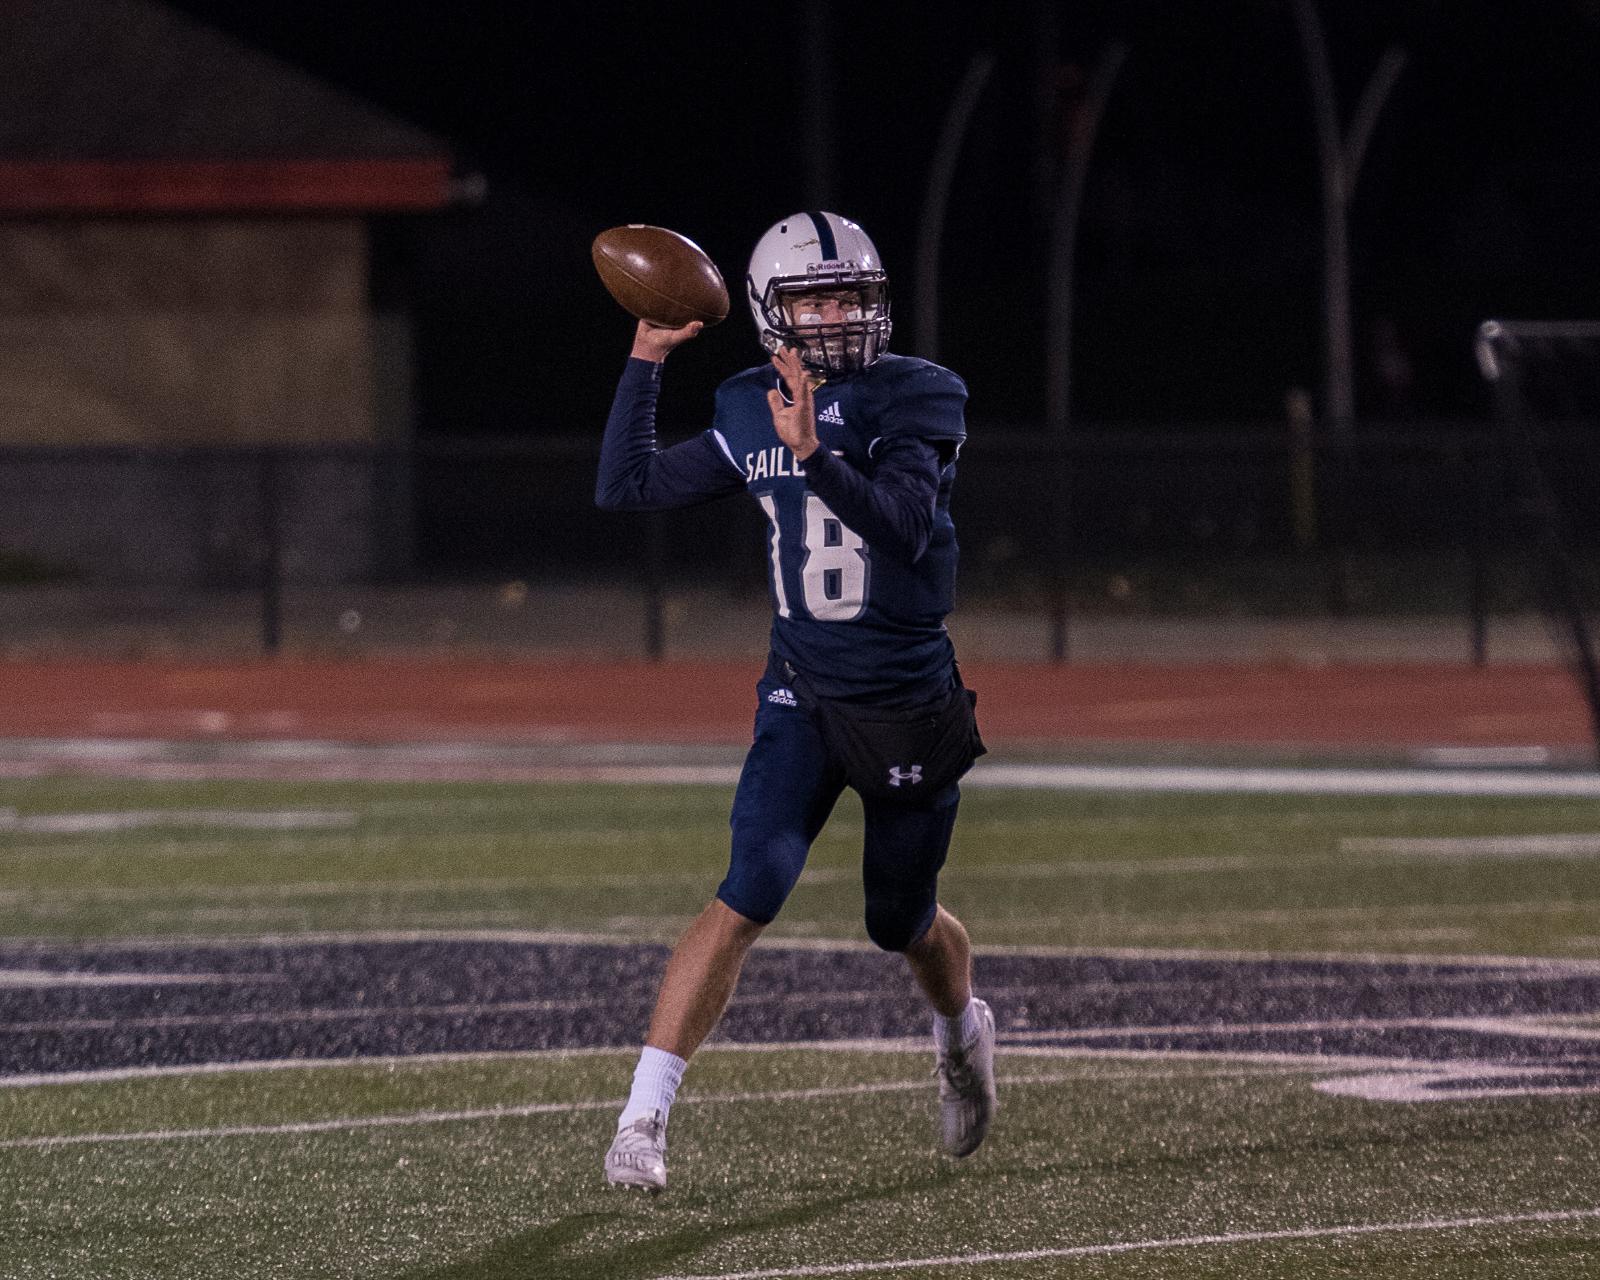 Jake DeHaan Breaks School Record With 7 TD Passes